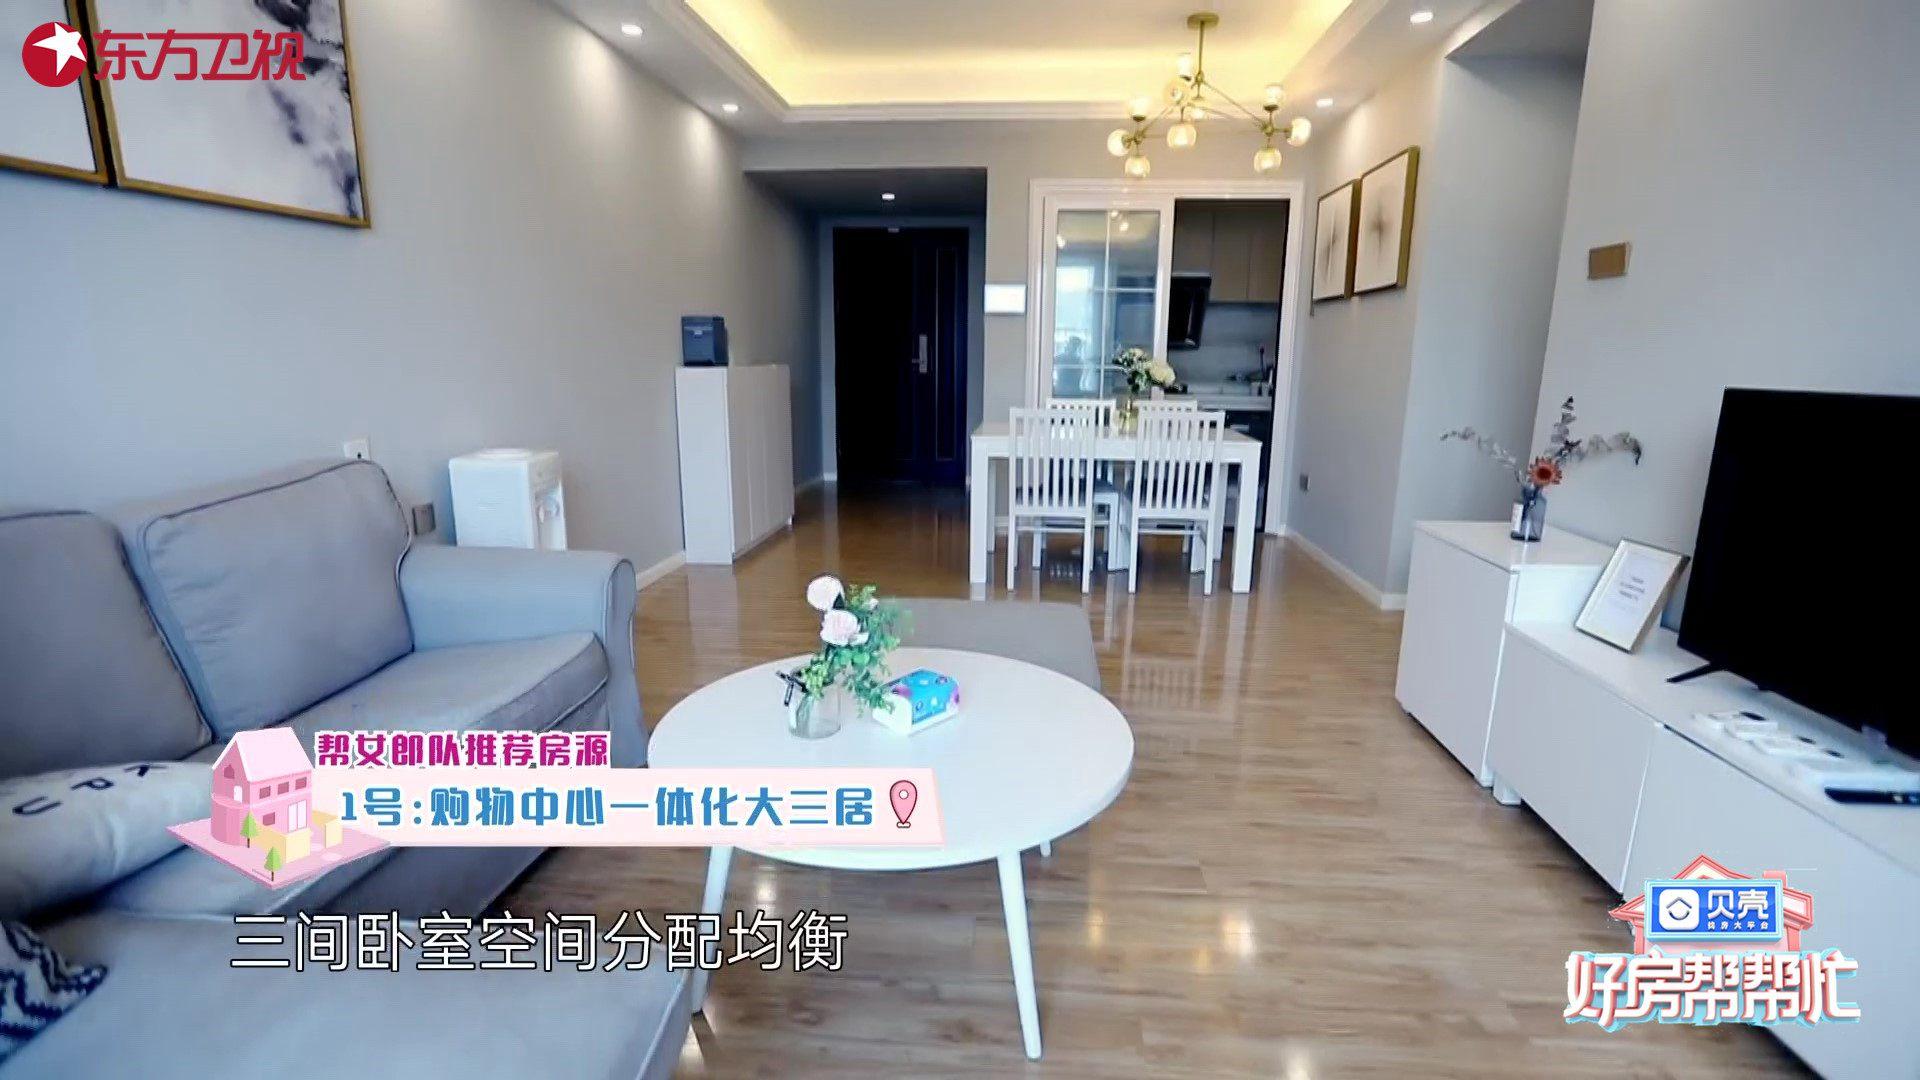 """""""帮女郎队""""推荐的购物中心一体大三居房源.jpg"""